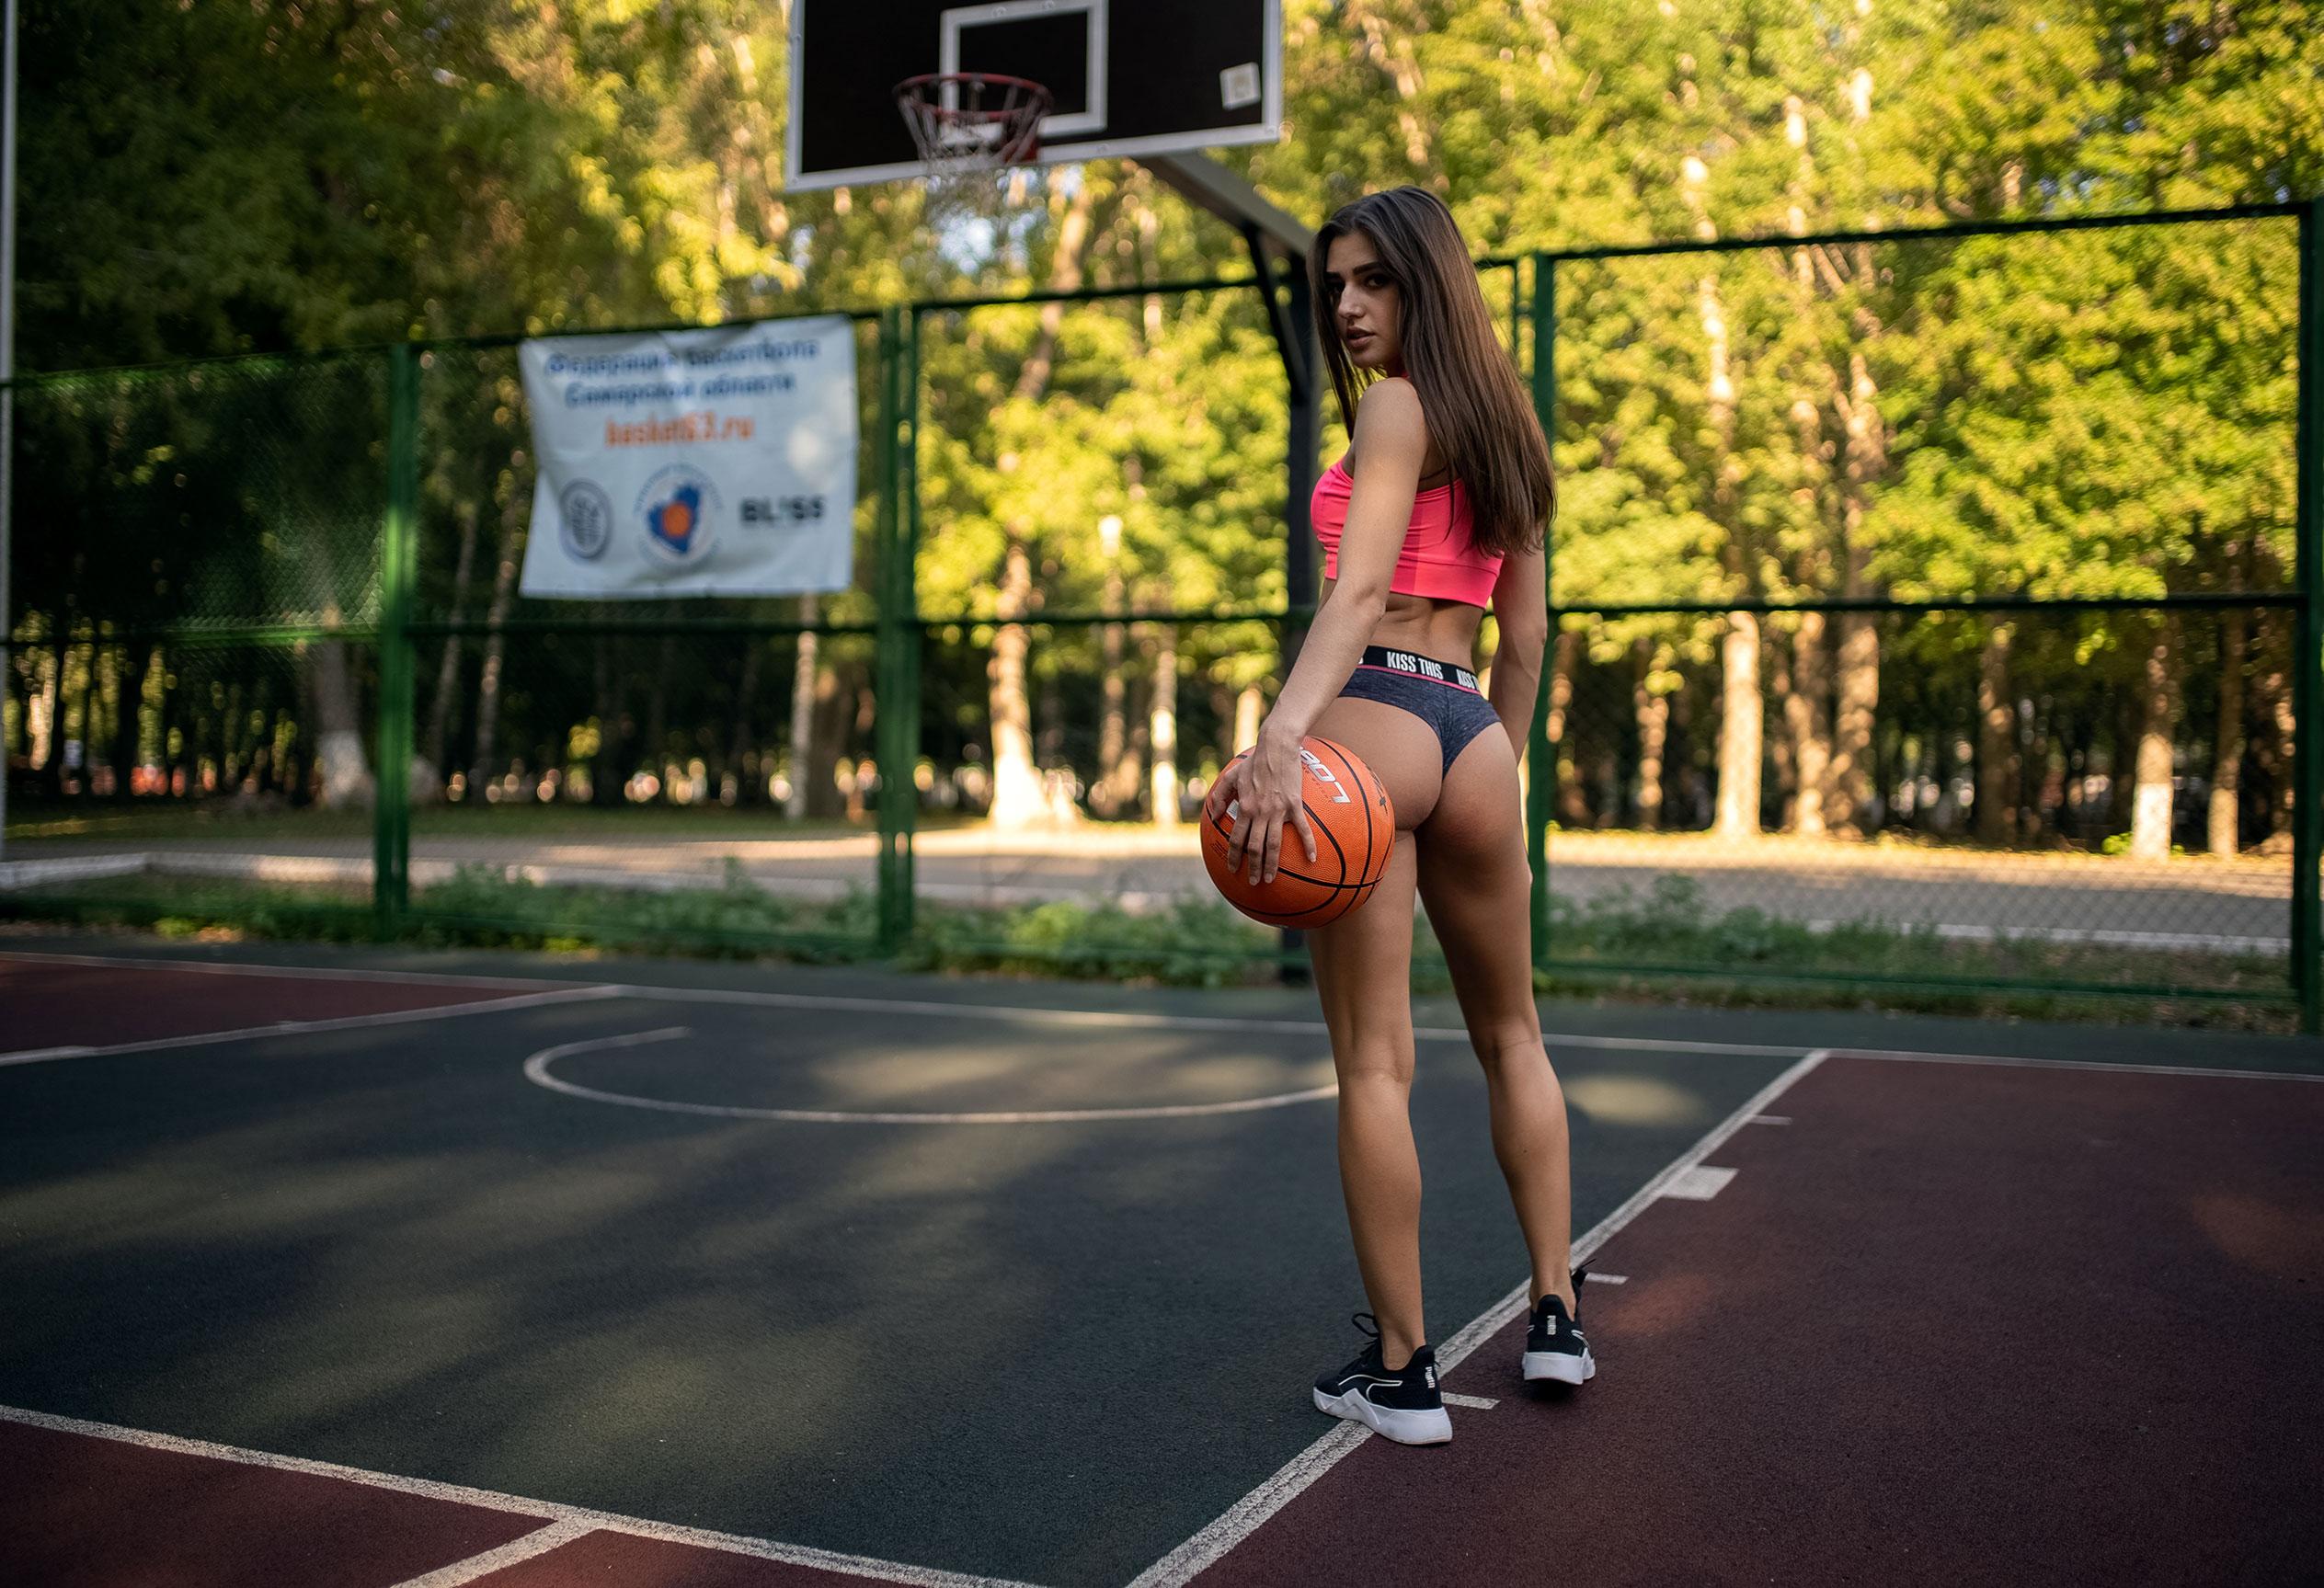 Алина Науменко на баскетбольной площадке / фото 05